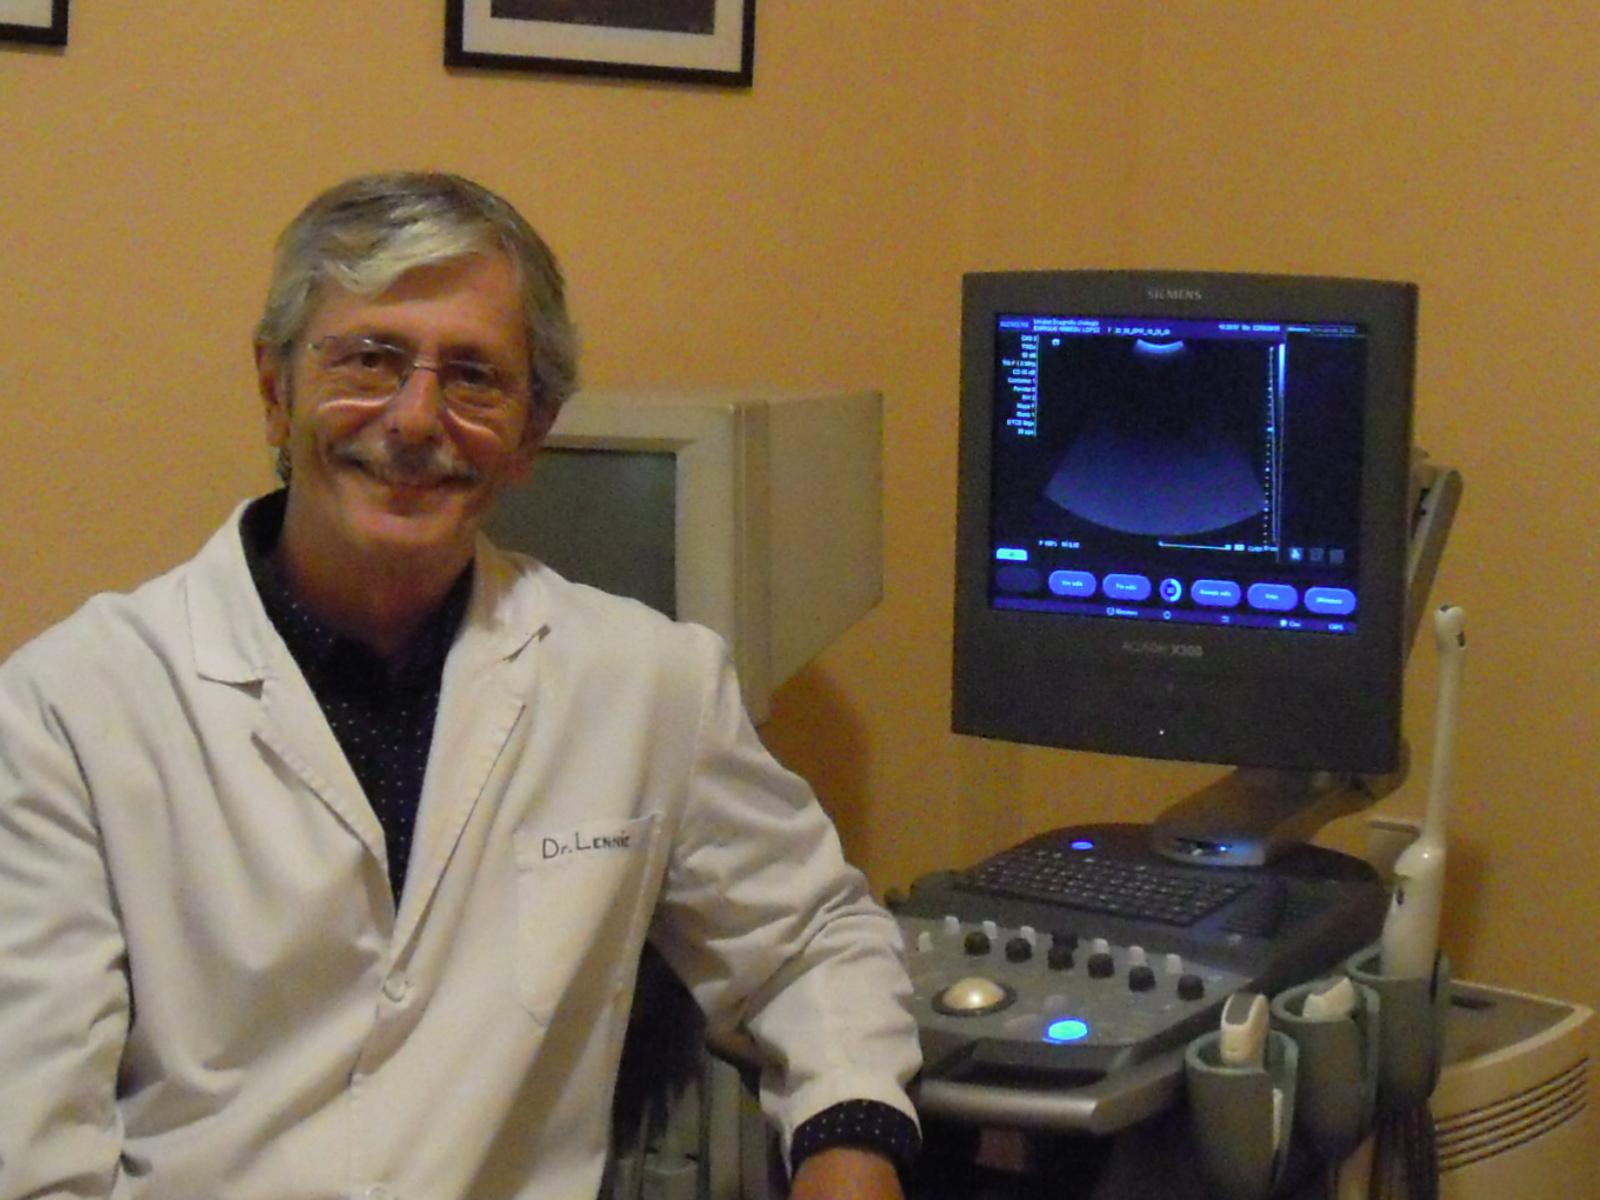 Dr. Alberto Lennie Zuccarino